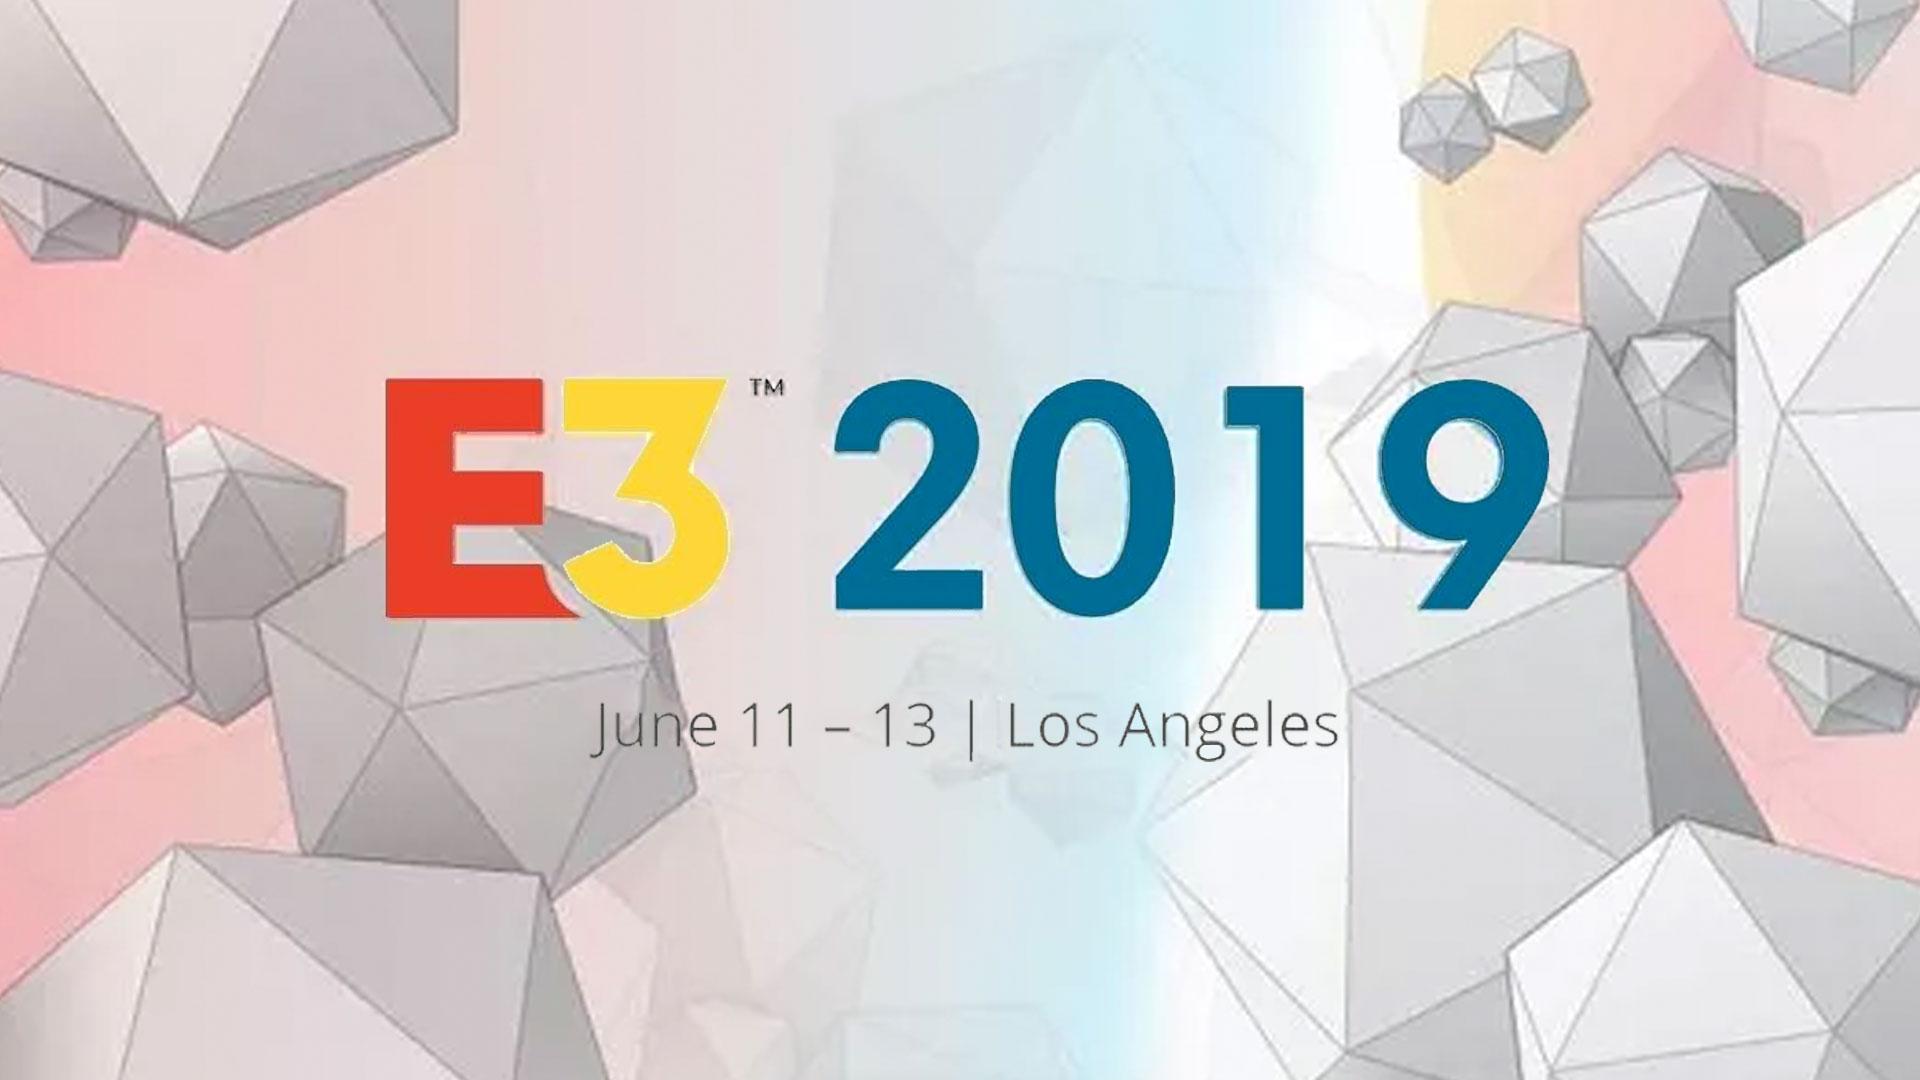 خمس العاب من حدث E3 2019